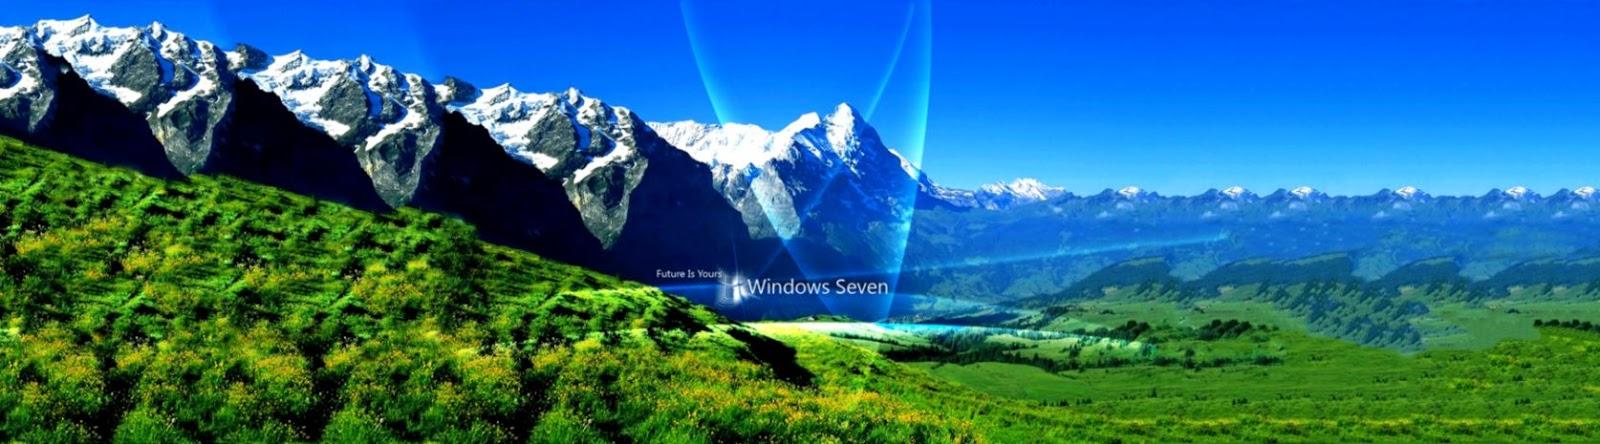 Desktop Background Extended Display